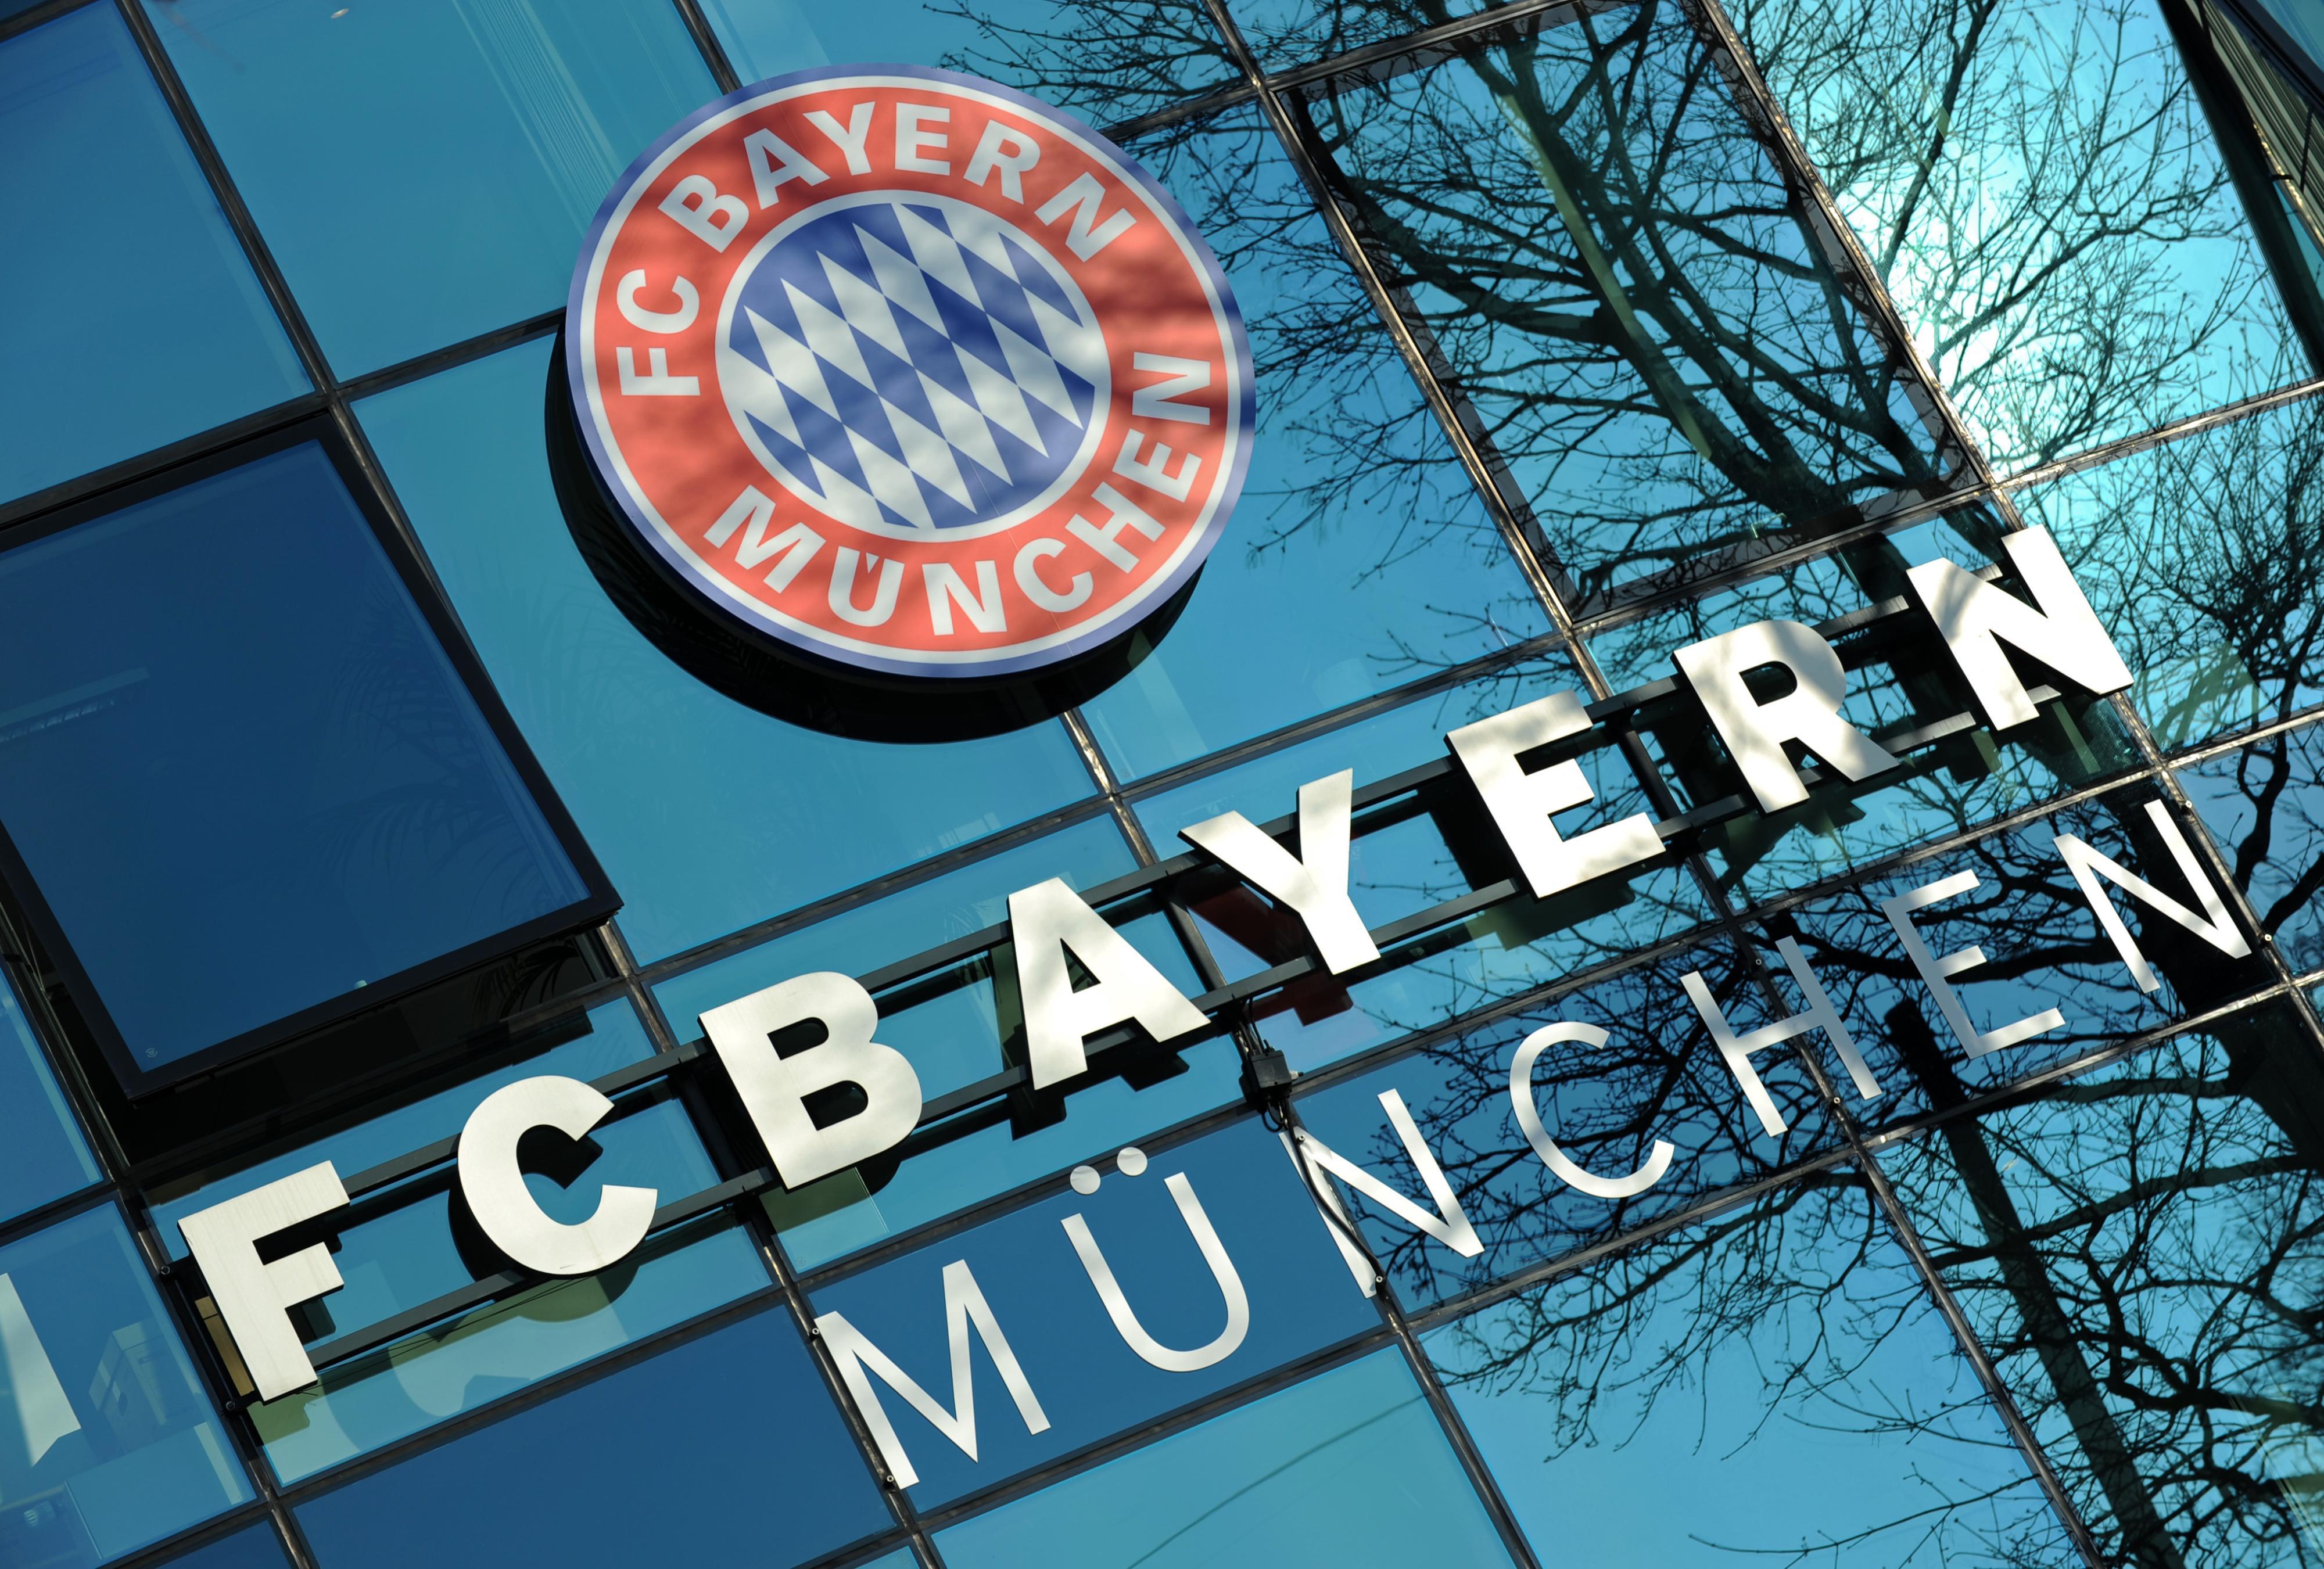 Das Klub-Gelände des FC Bayern an der Säbener Straße in München.